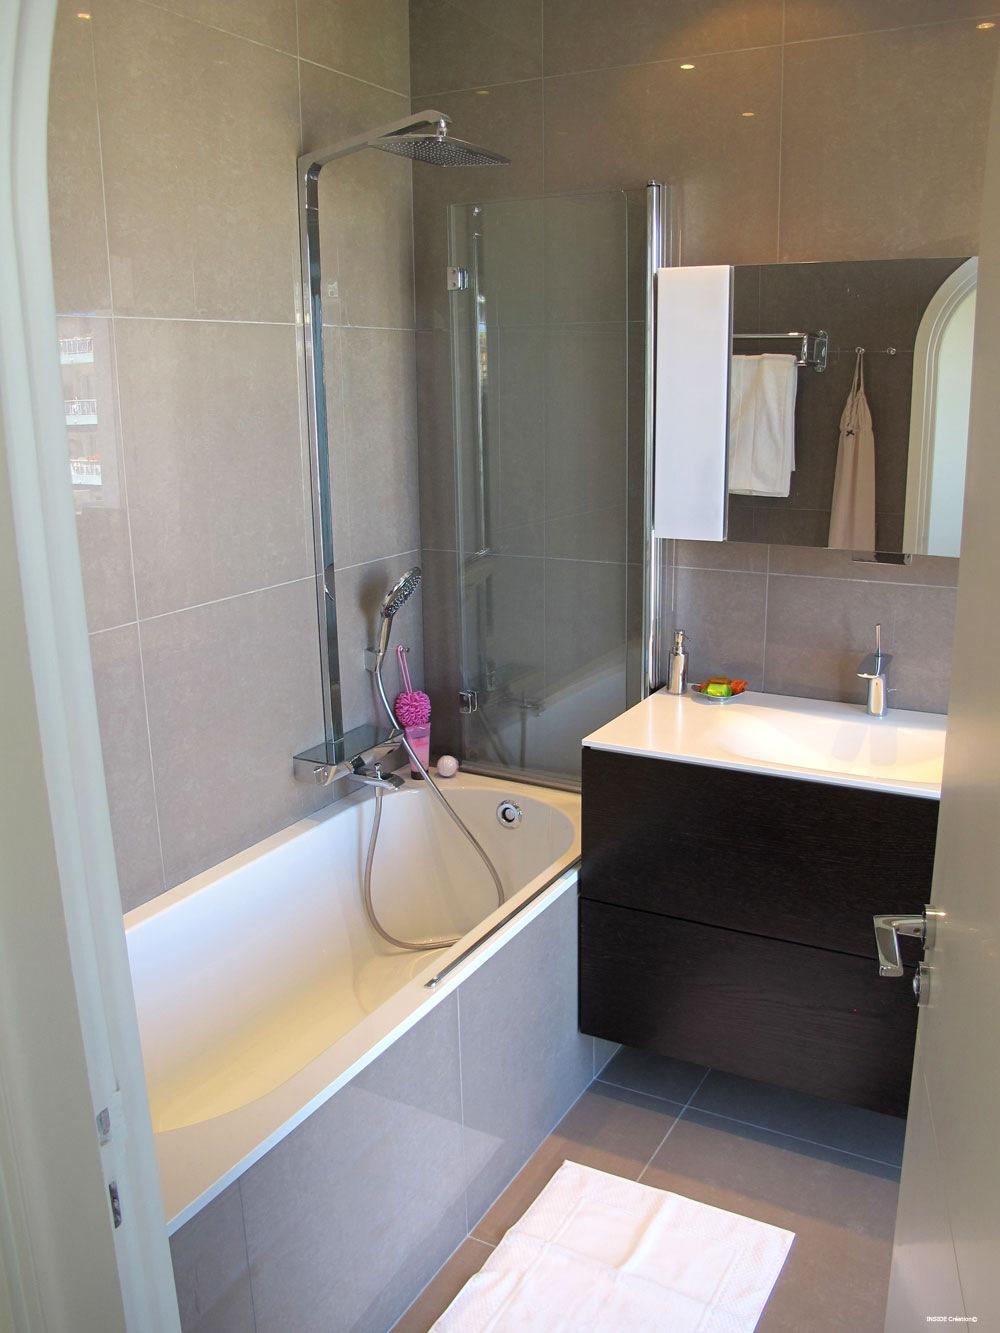 vitre salle de bain unique mervillux